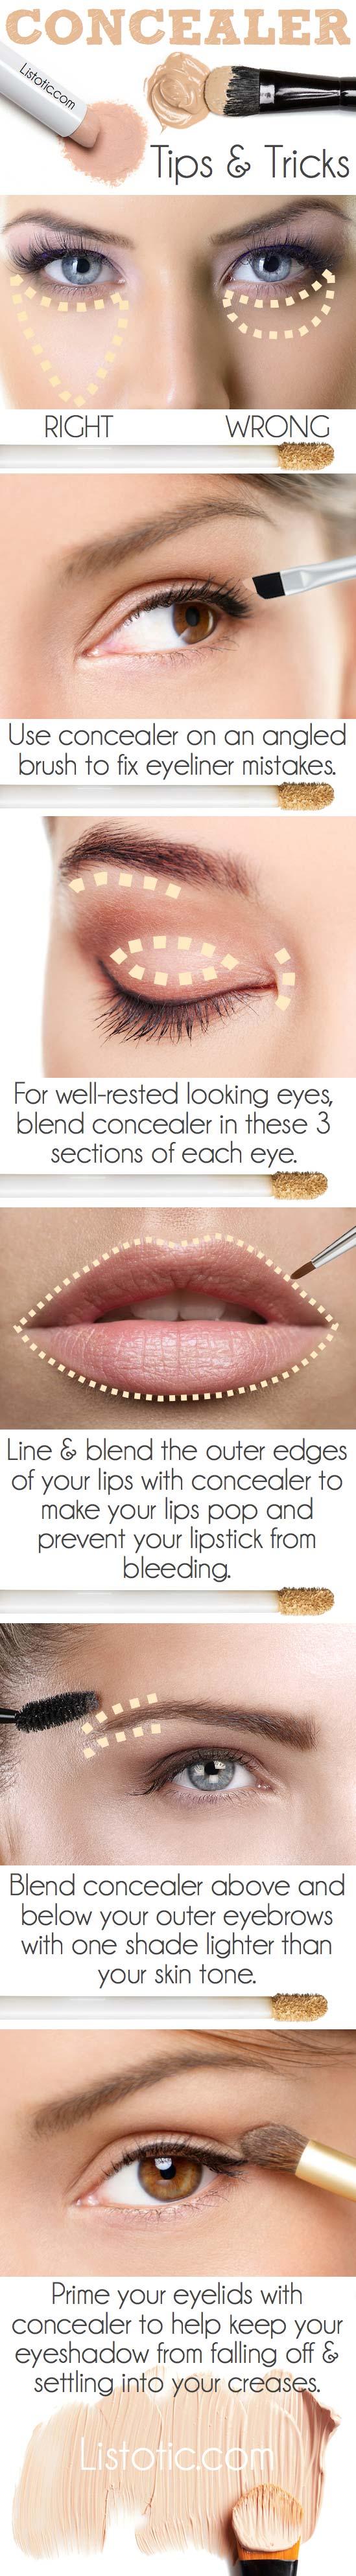 วิธีใช้ Concealer